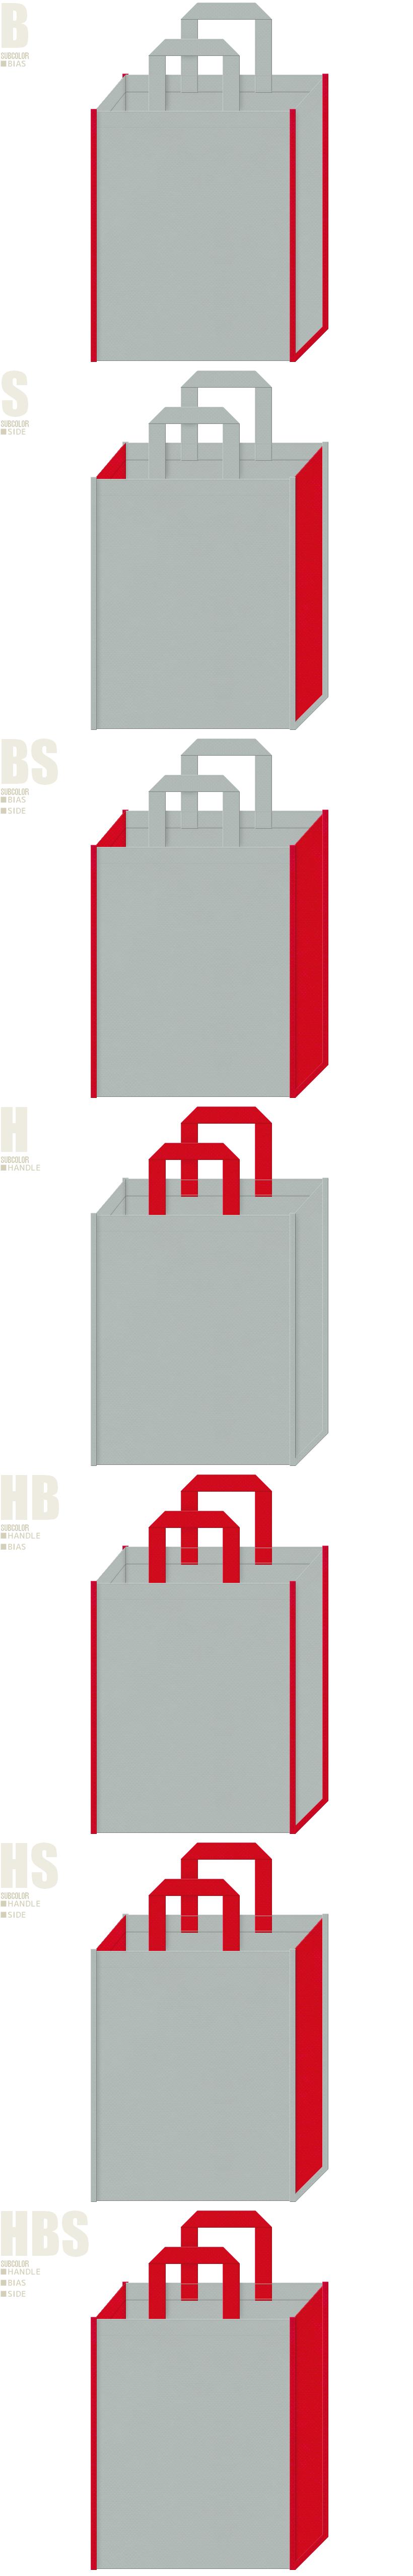 グレー色と紅色-7パターンの不織布トートバッグ配色デザイン例:ロボット・ラジコン・ホビーにお奨めです。